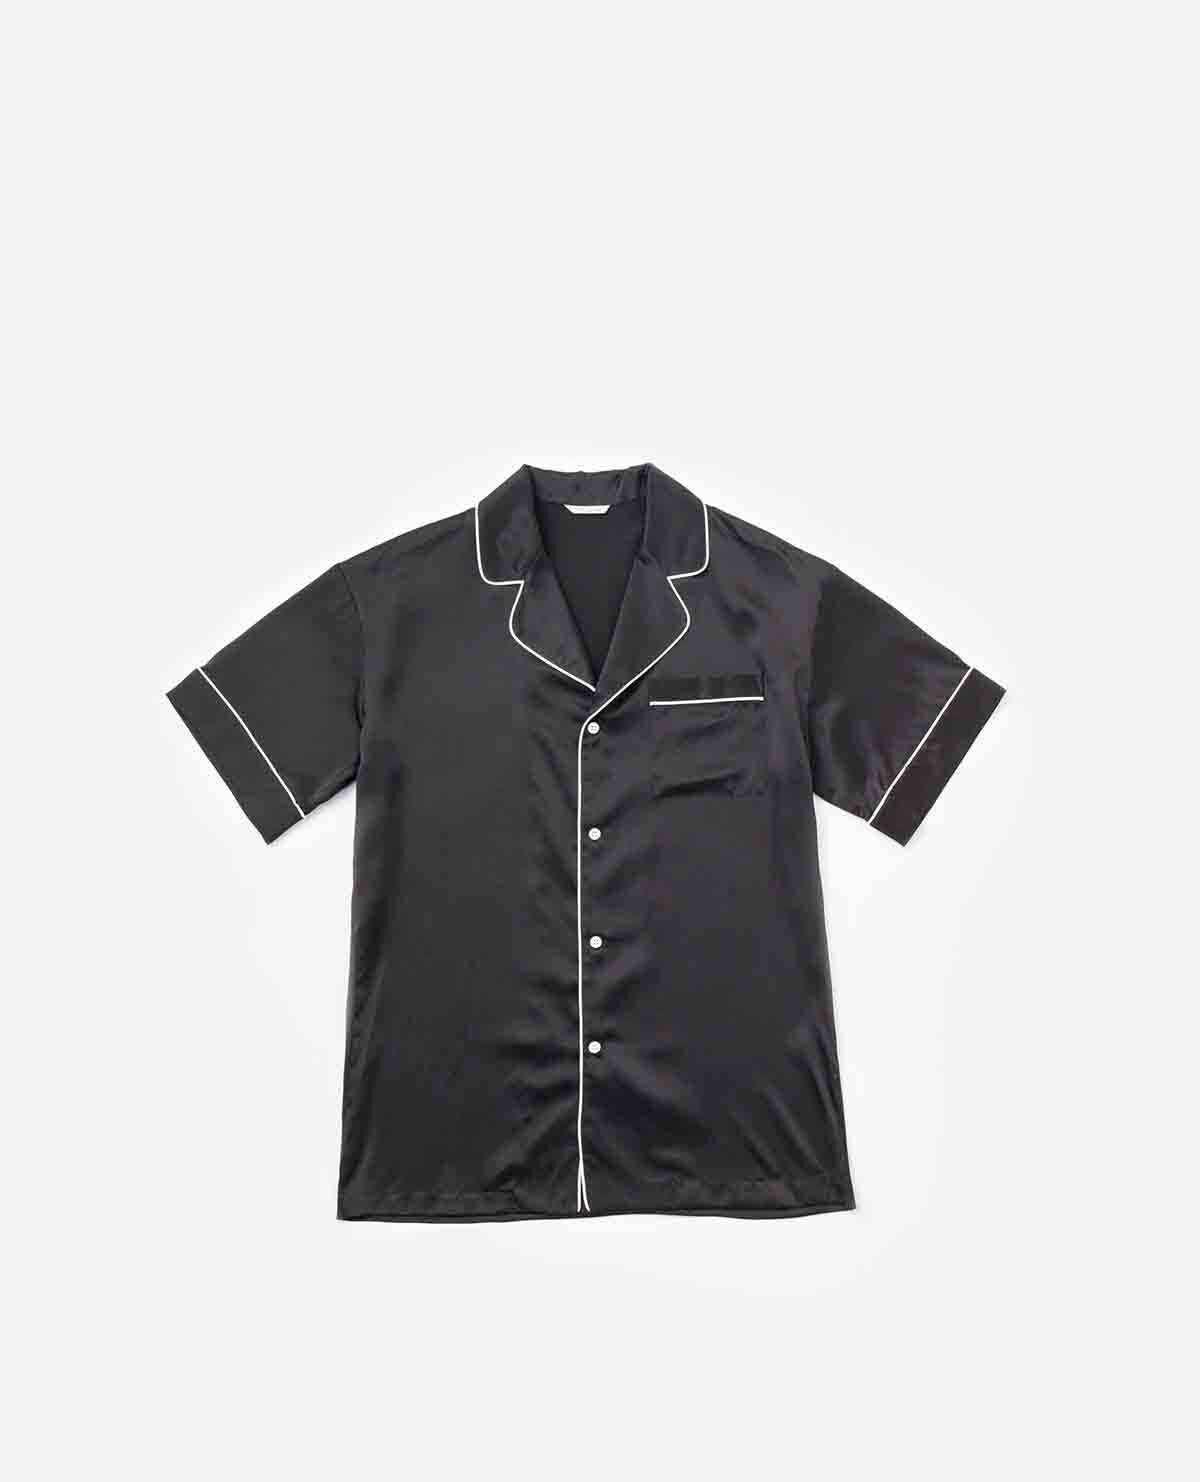 M メンズシルクパジャマ半袖&ハーフパンツBOXS